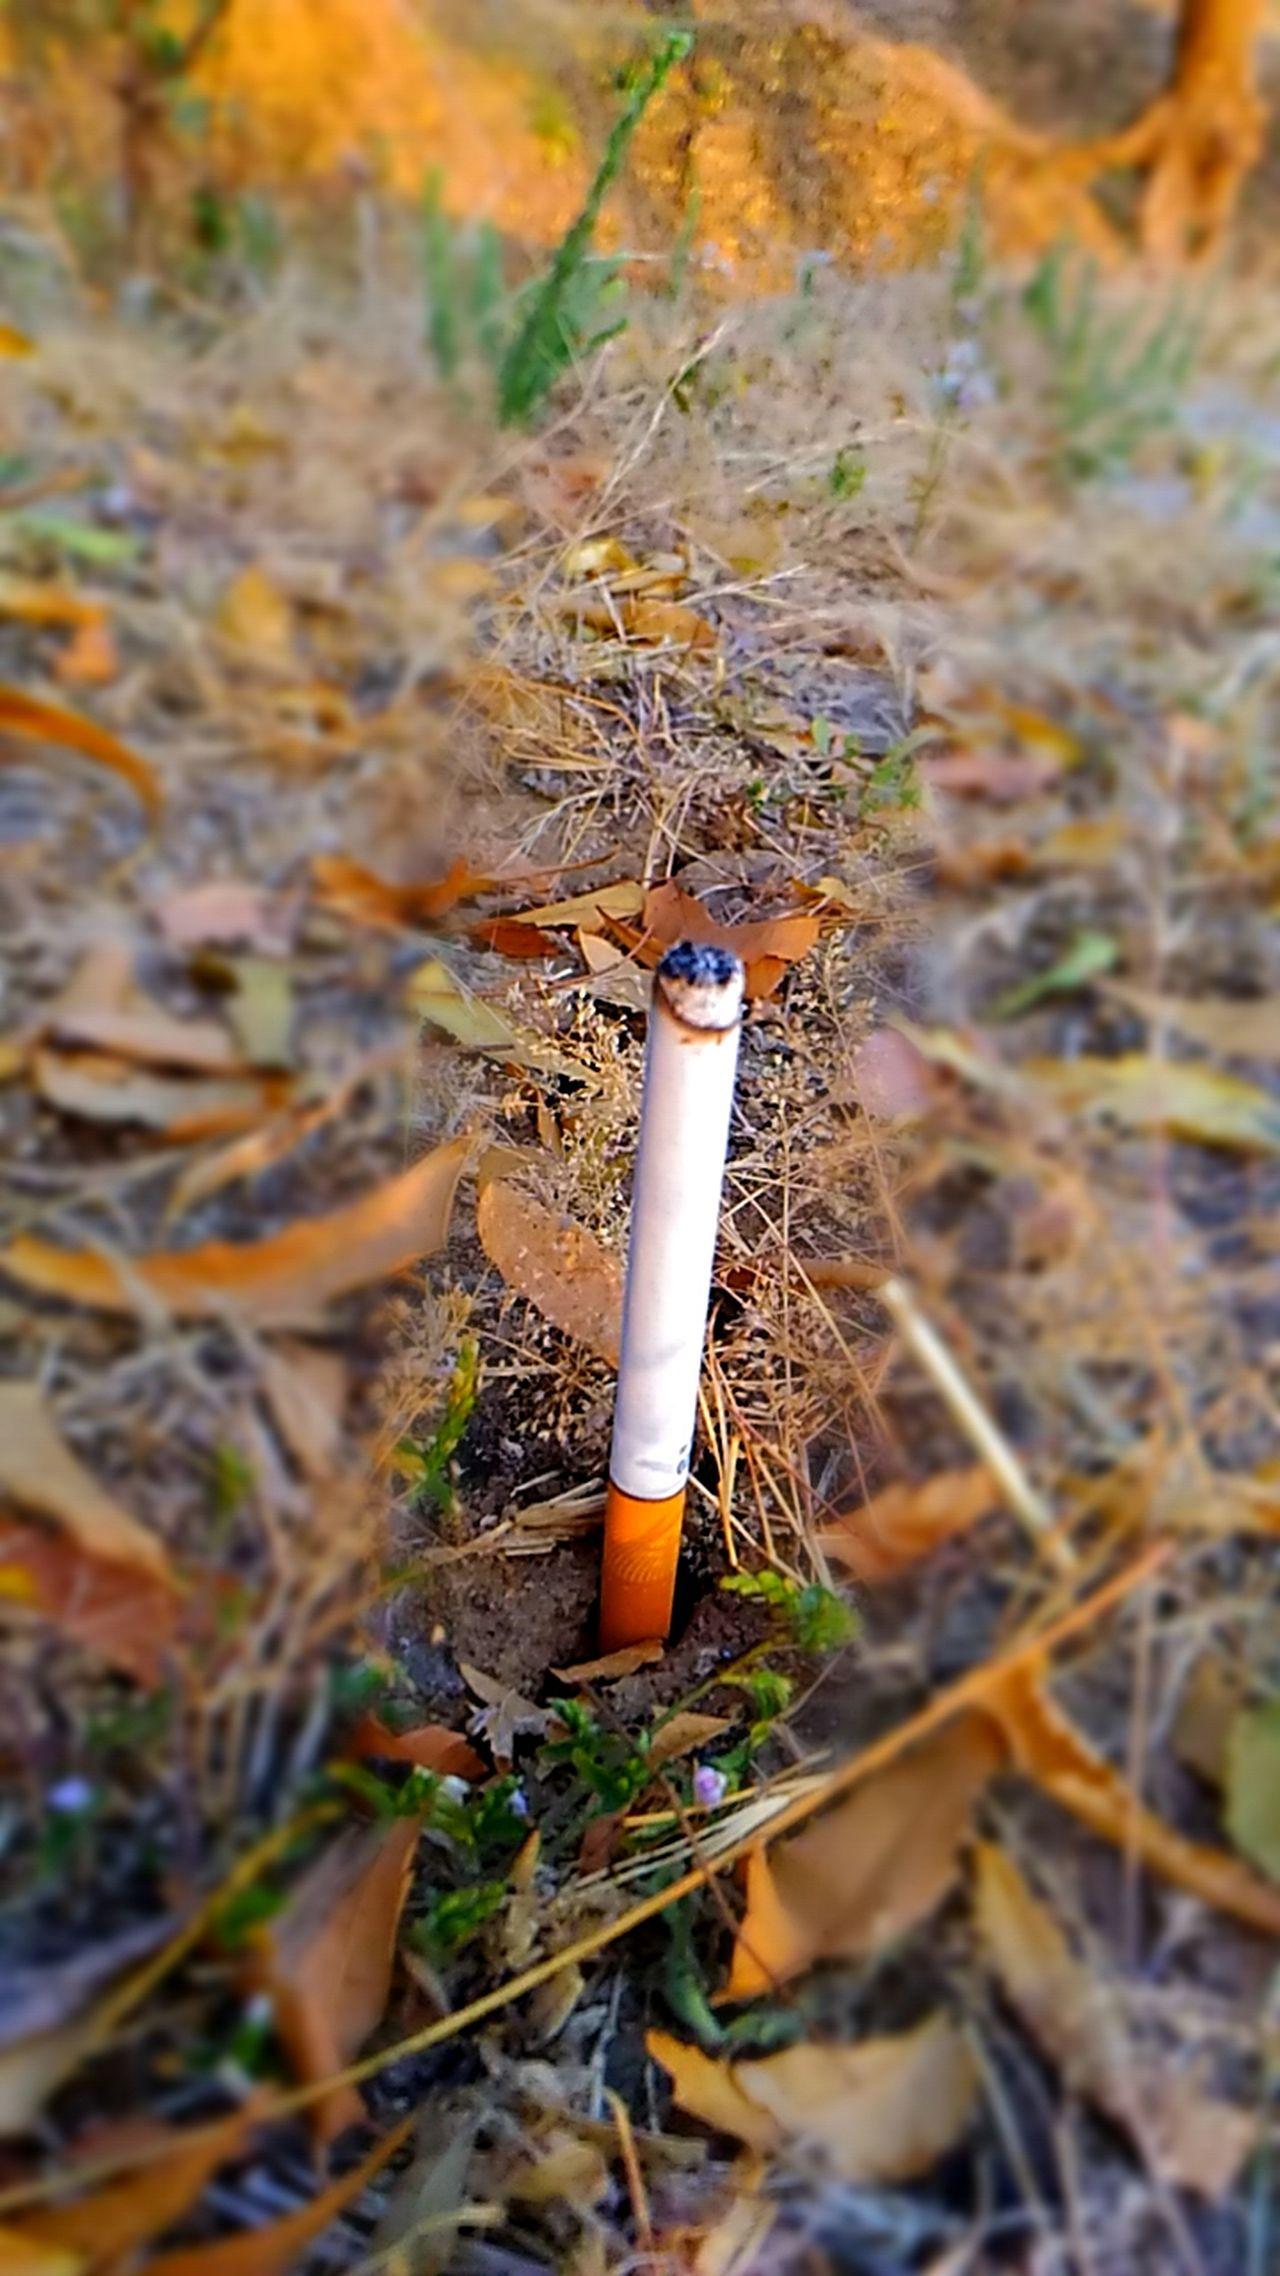 Smoking kills Burning Flame No People